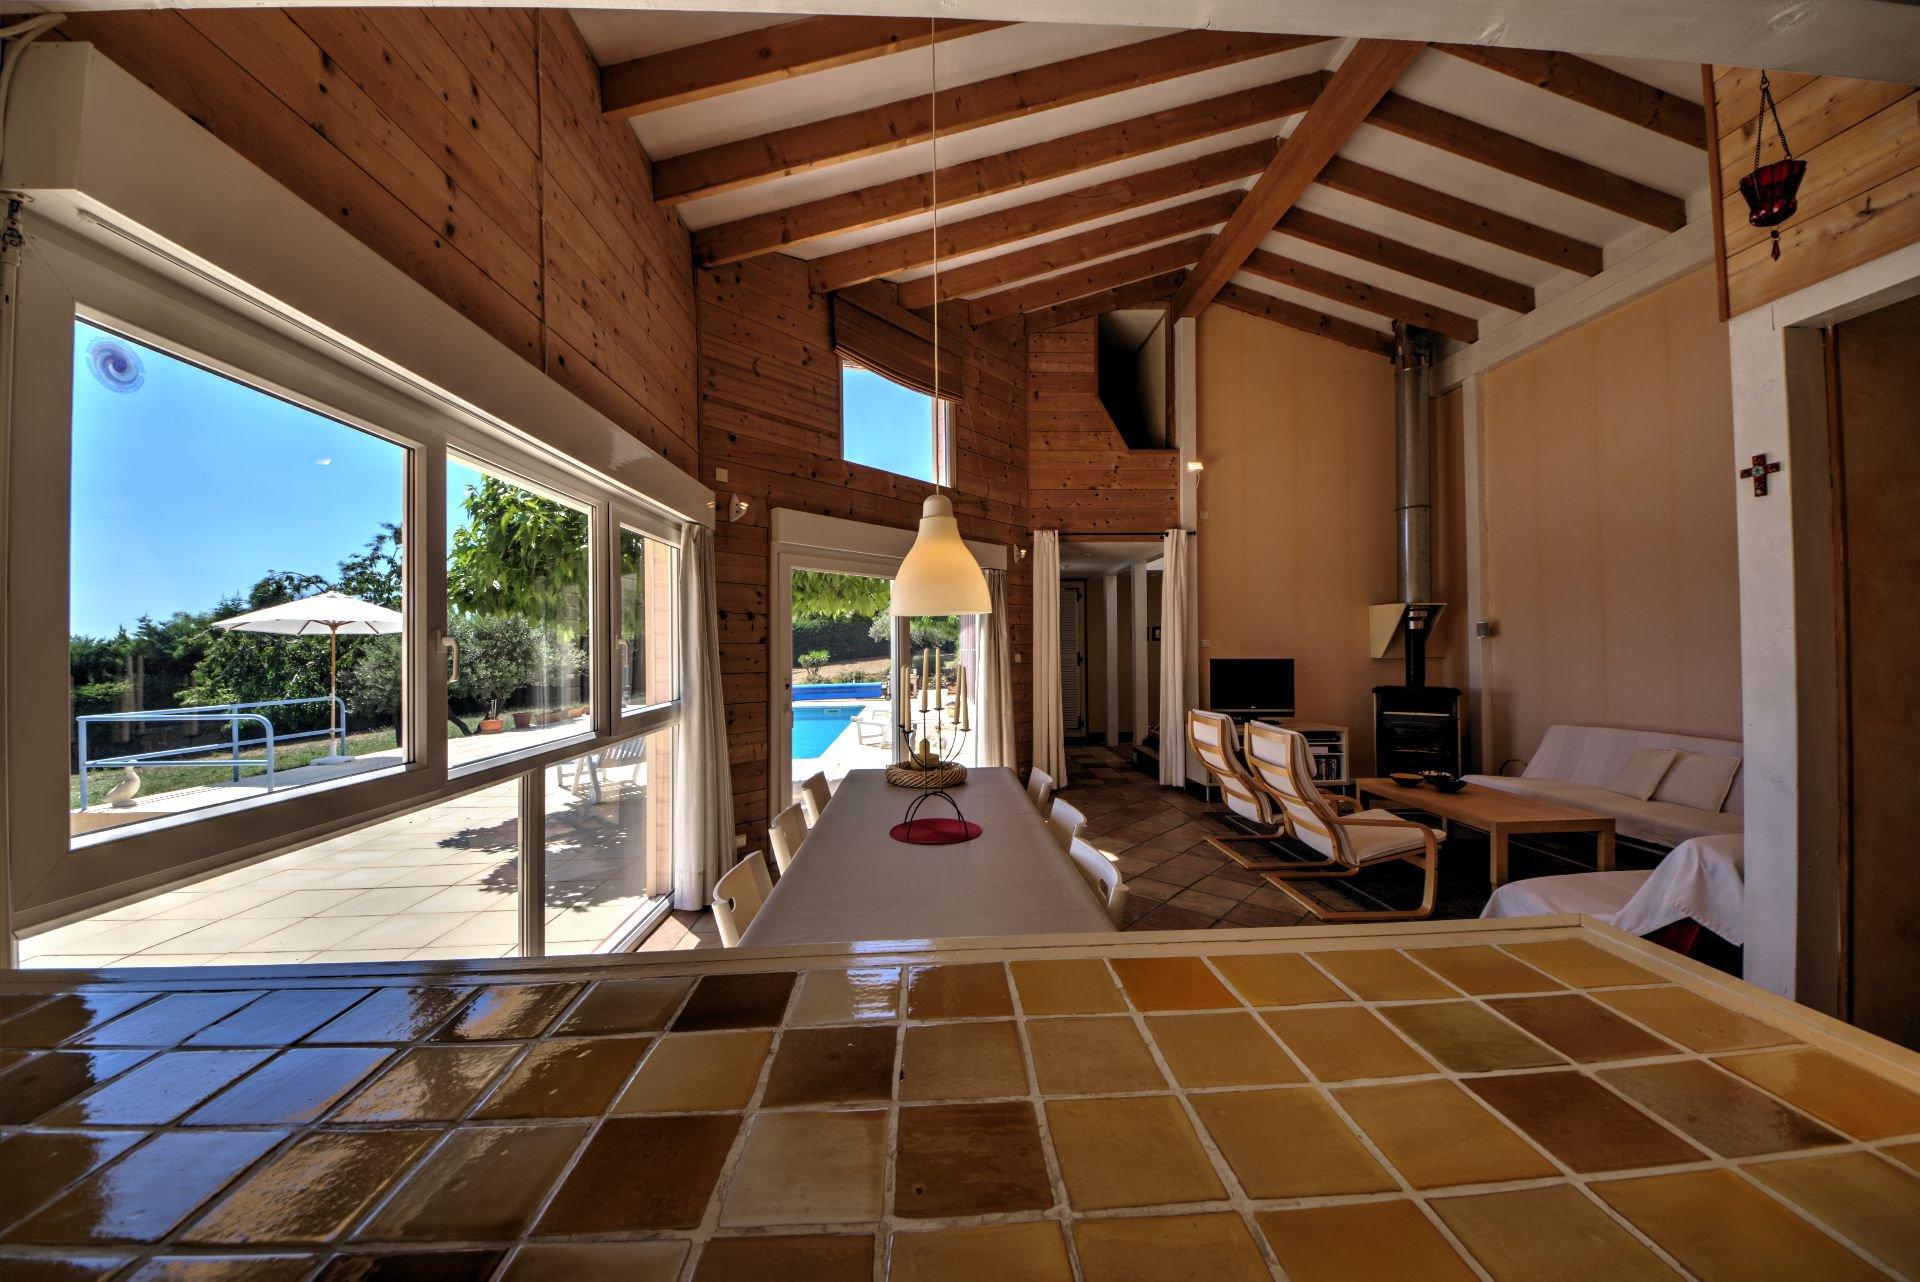 Salon de Maison à ossature bois HPE, 180 m², 5 ch, piscine, Aups, Var, Provence, Paca